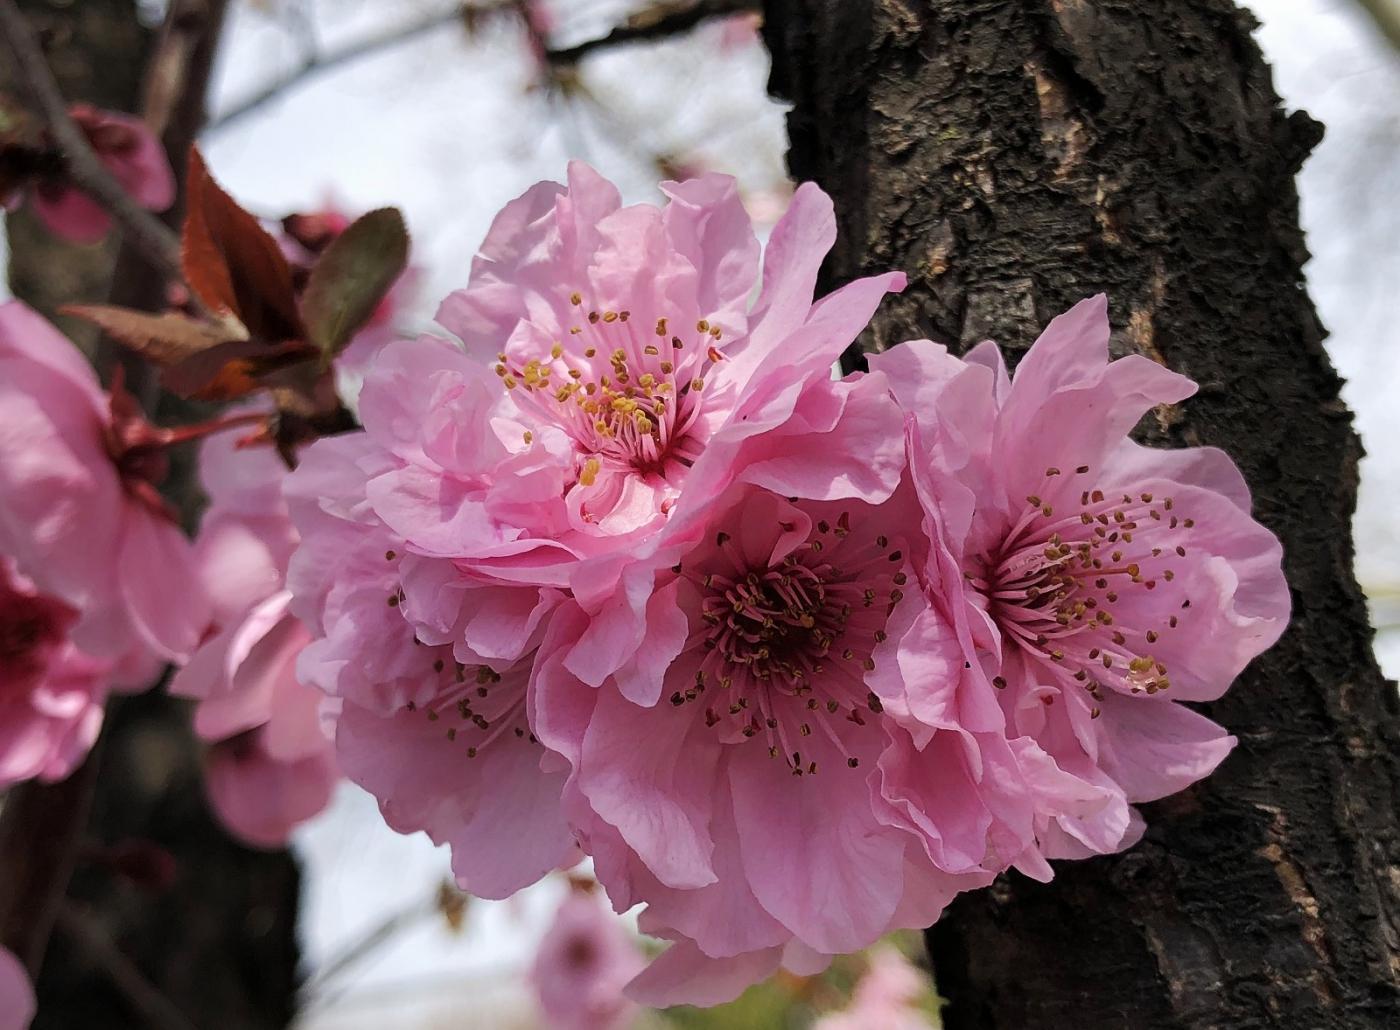 【田螺手机摄影】街口的杏花又开一年_图1-5